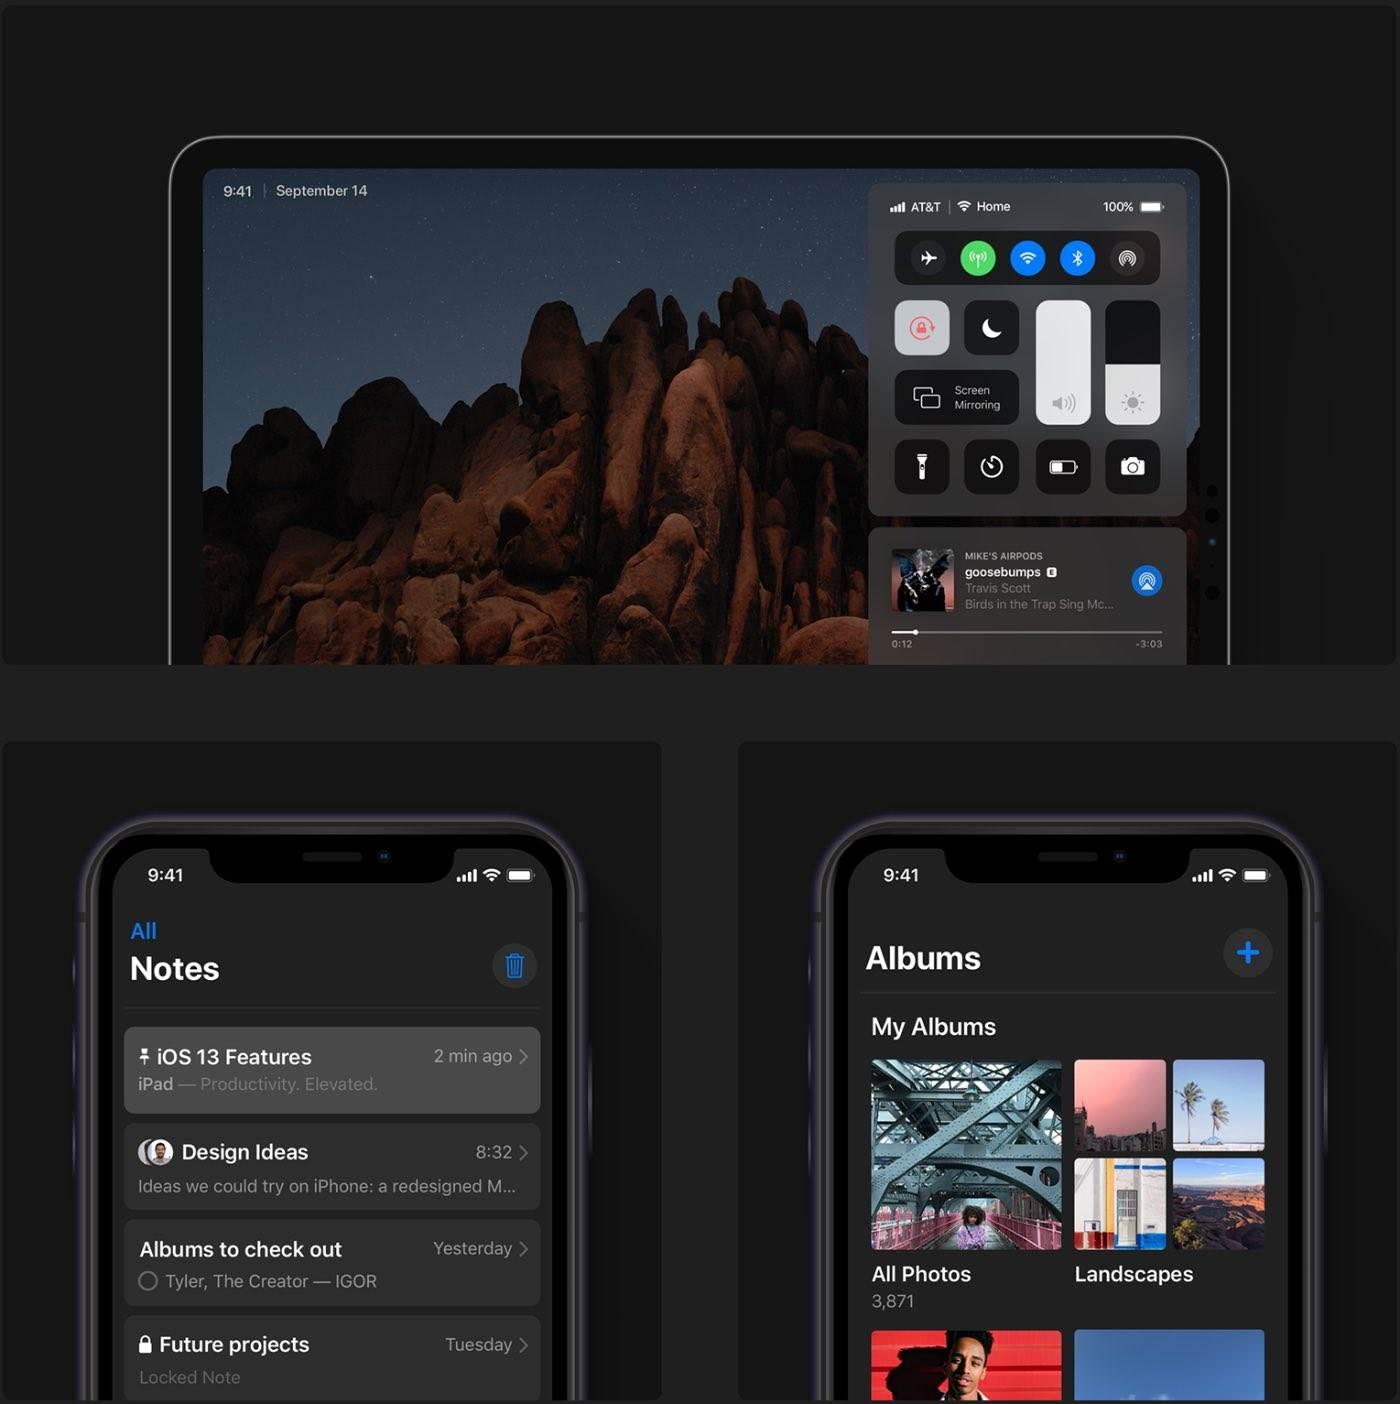 Pojawił się najbardziej przemyślany koncept iOS 13 polecane, ciekawostki Wizja, koncept, iOS 13, Apple  Zaledwie kilka dni przed WWDC 2019, projektanci opublikowali koncepcję iOS 13, która pokazuje wszystkie możliwe zmiany w systemie. iOS13 1 1